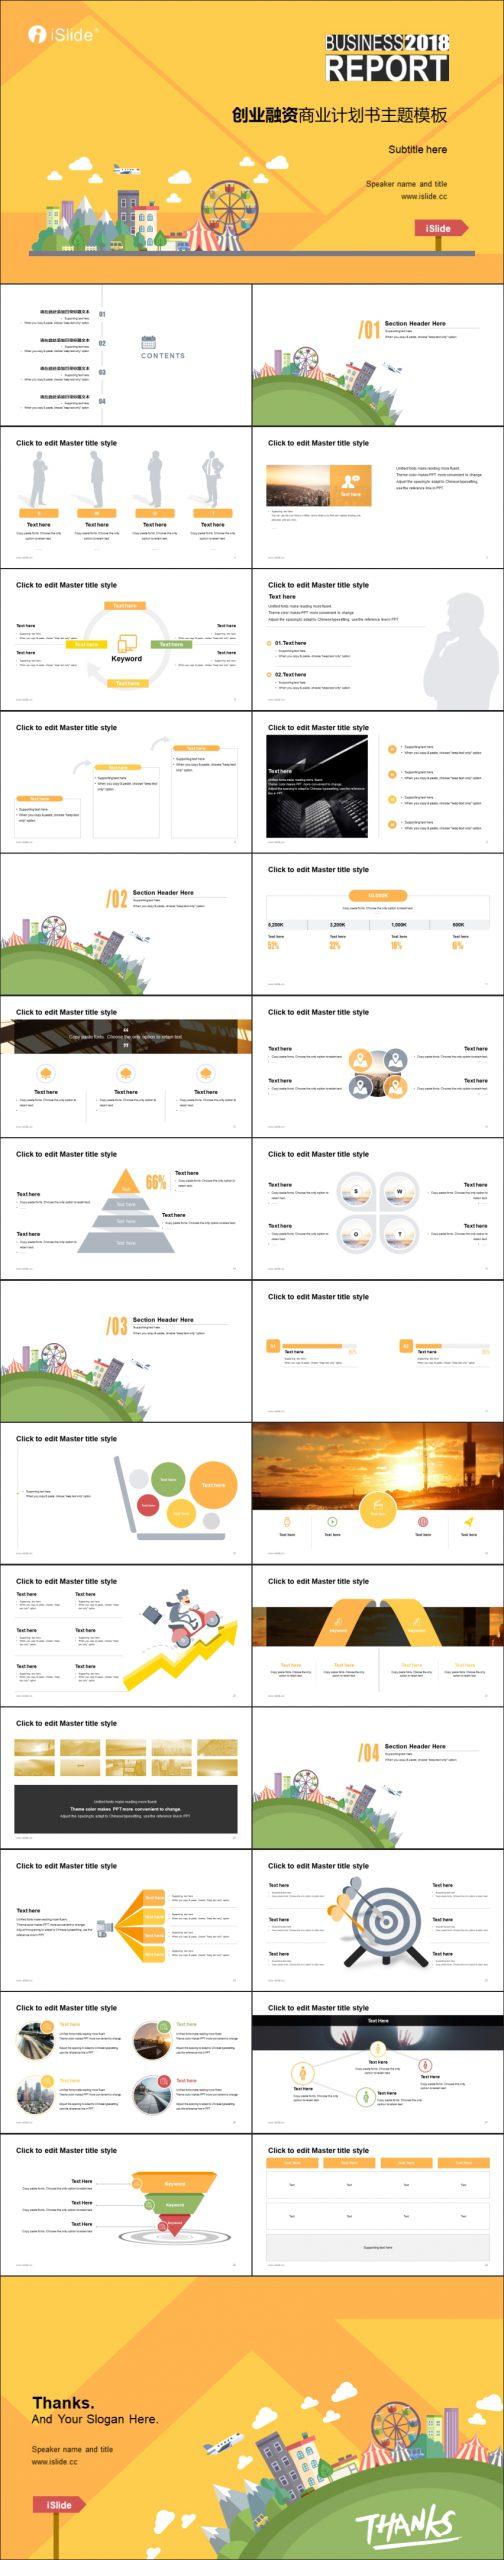 卡通风格创业融资商业计划书 PPT模板下载_预览图2